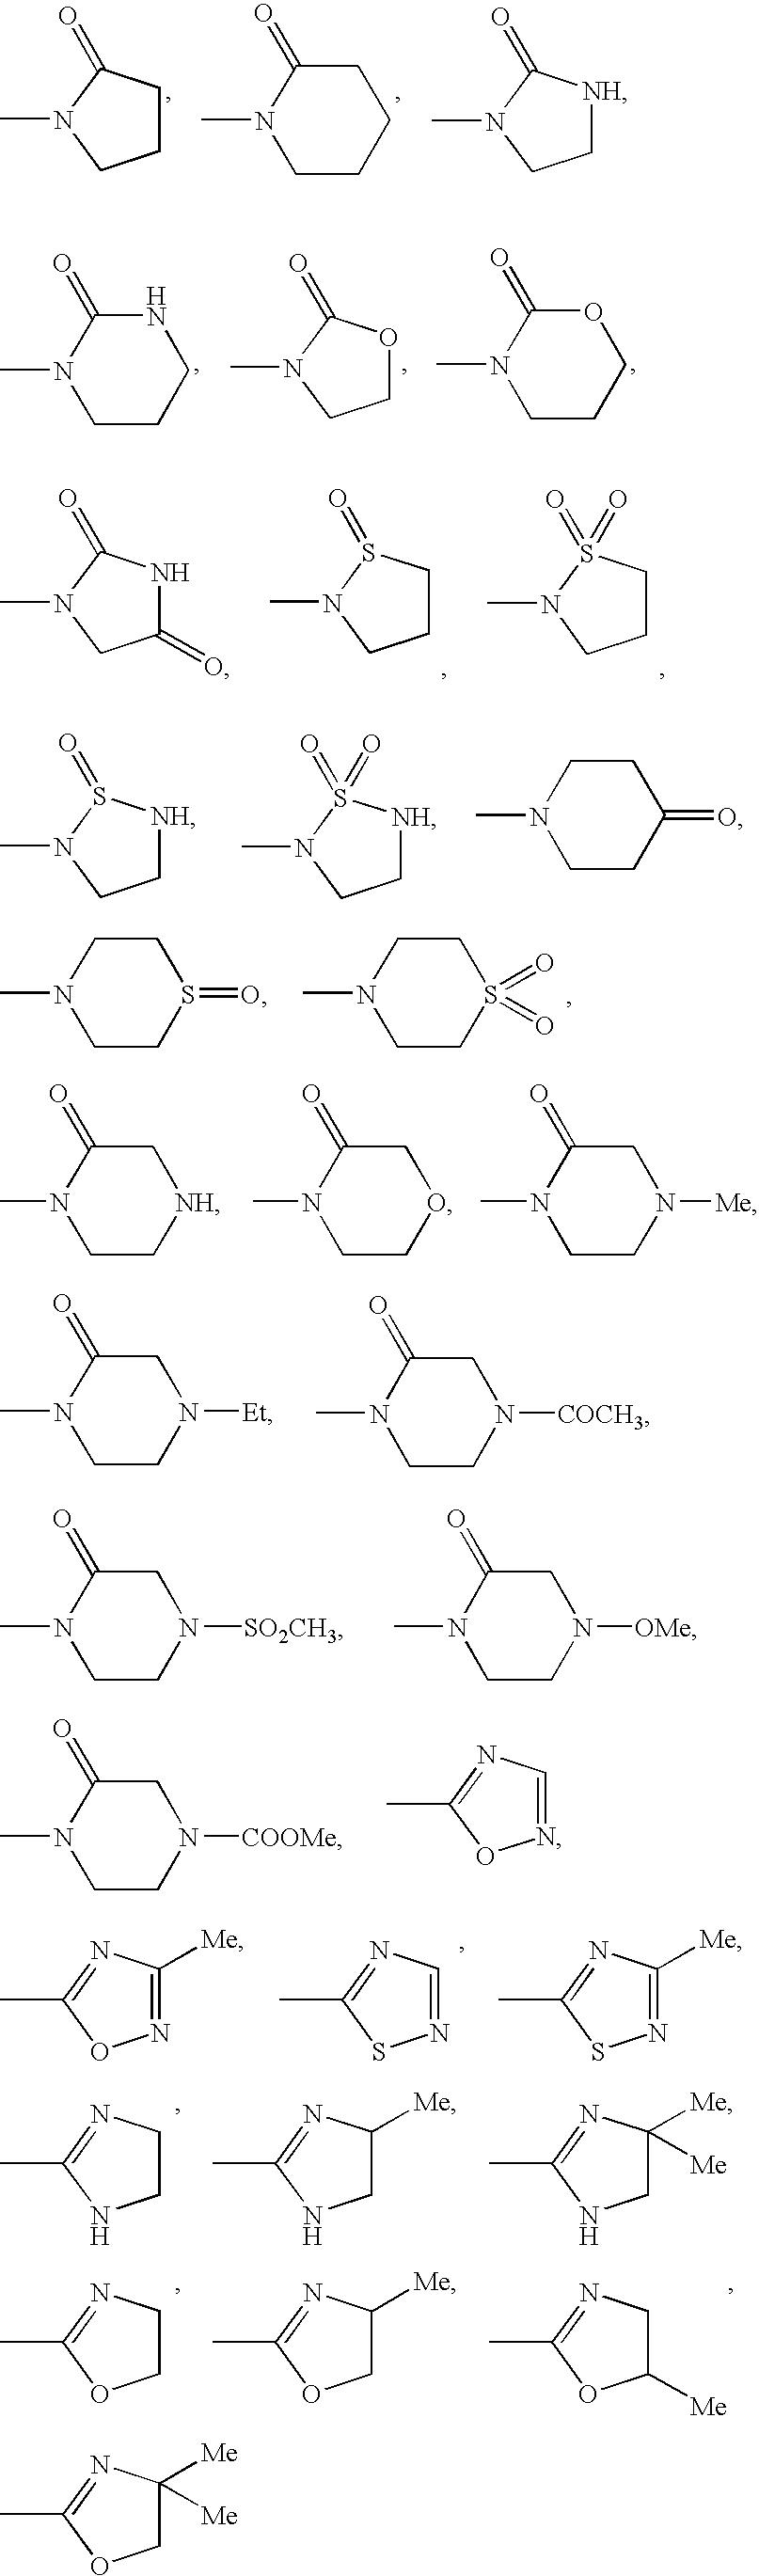 Figure US20070049593A1-20070301-C00056